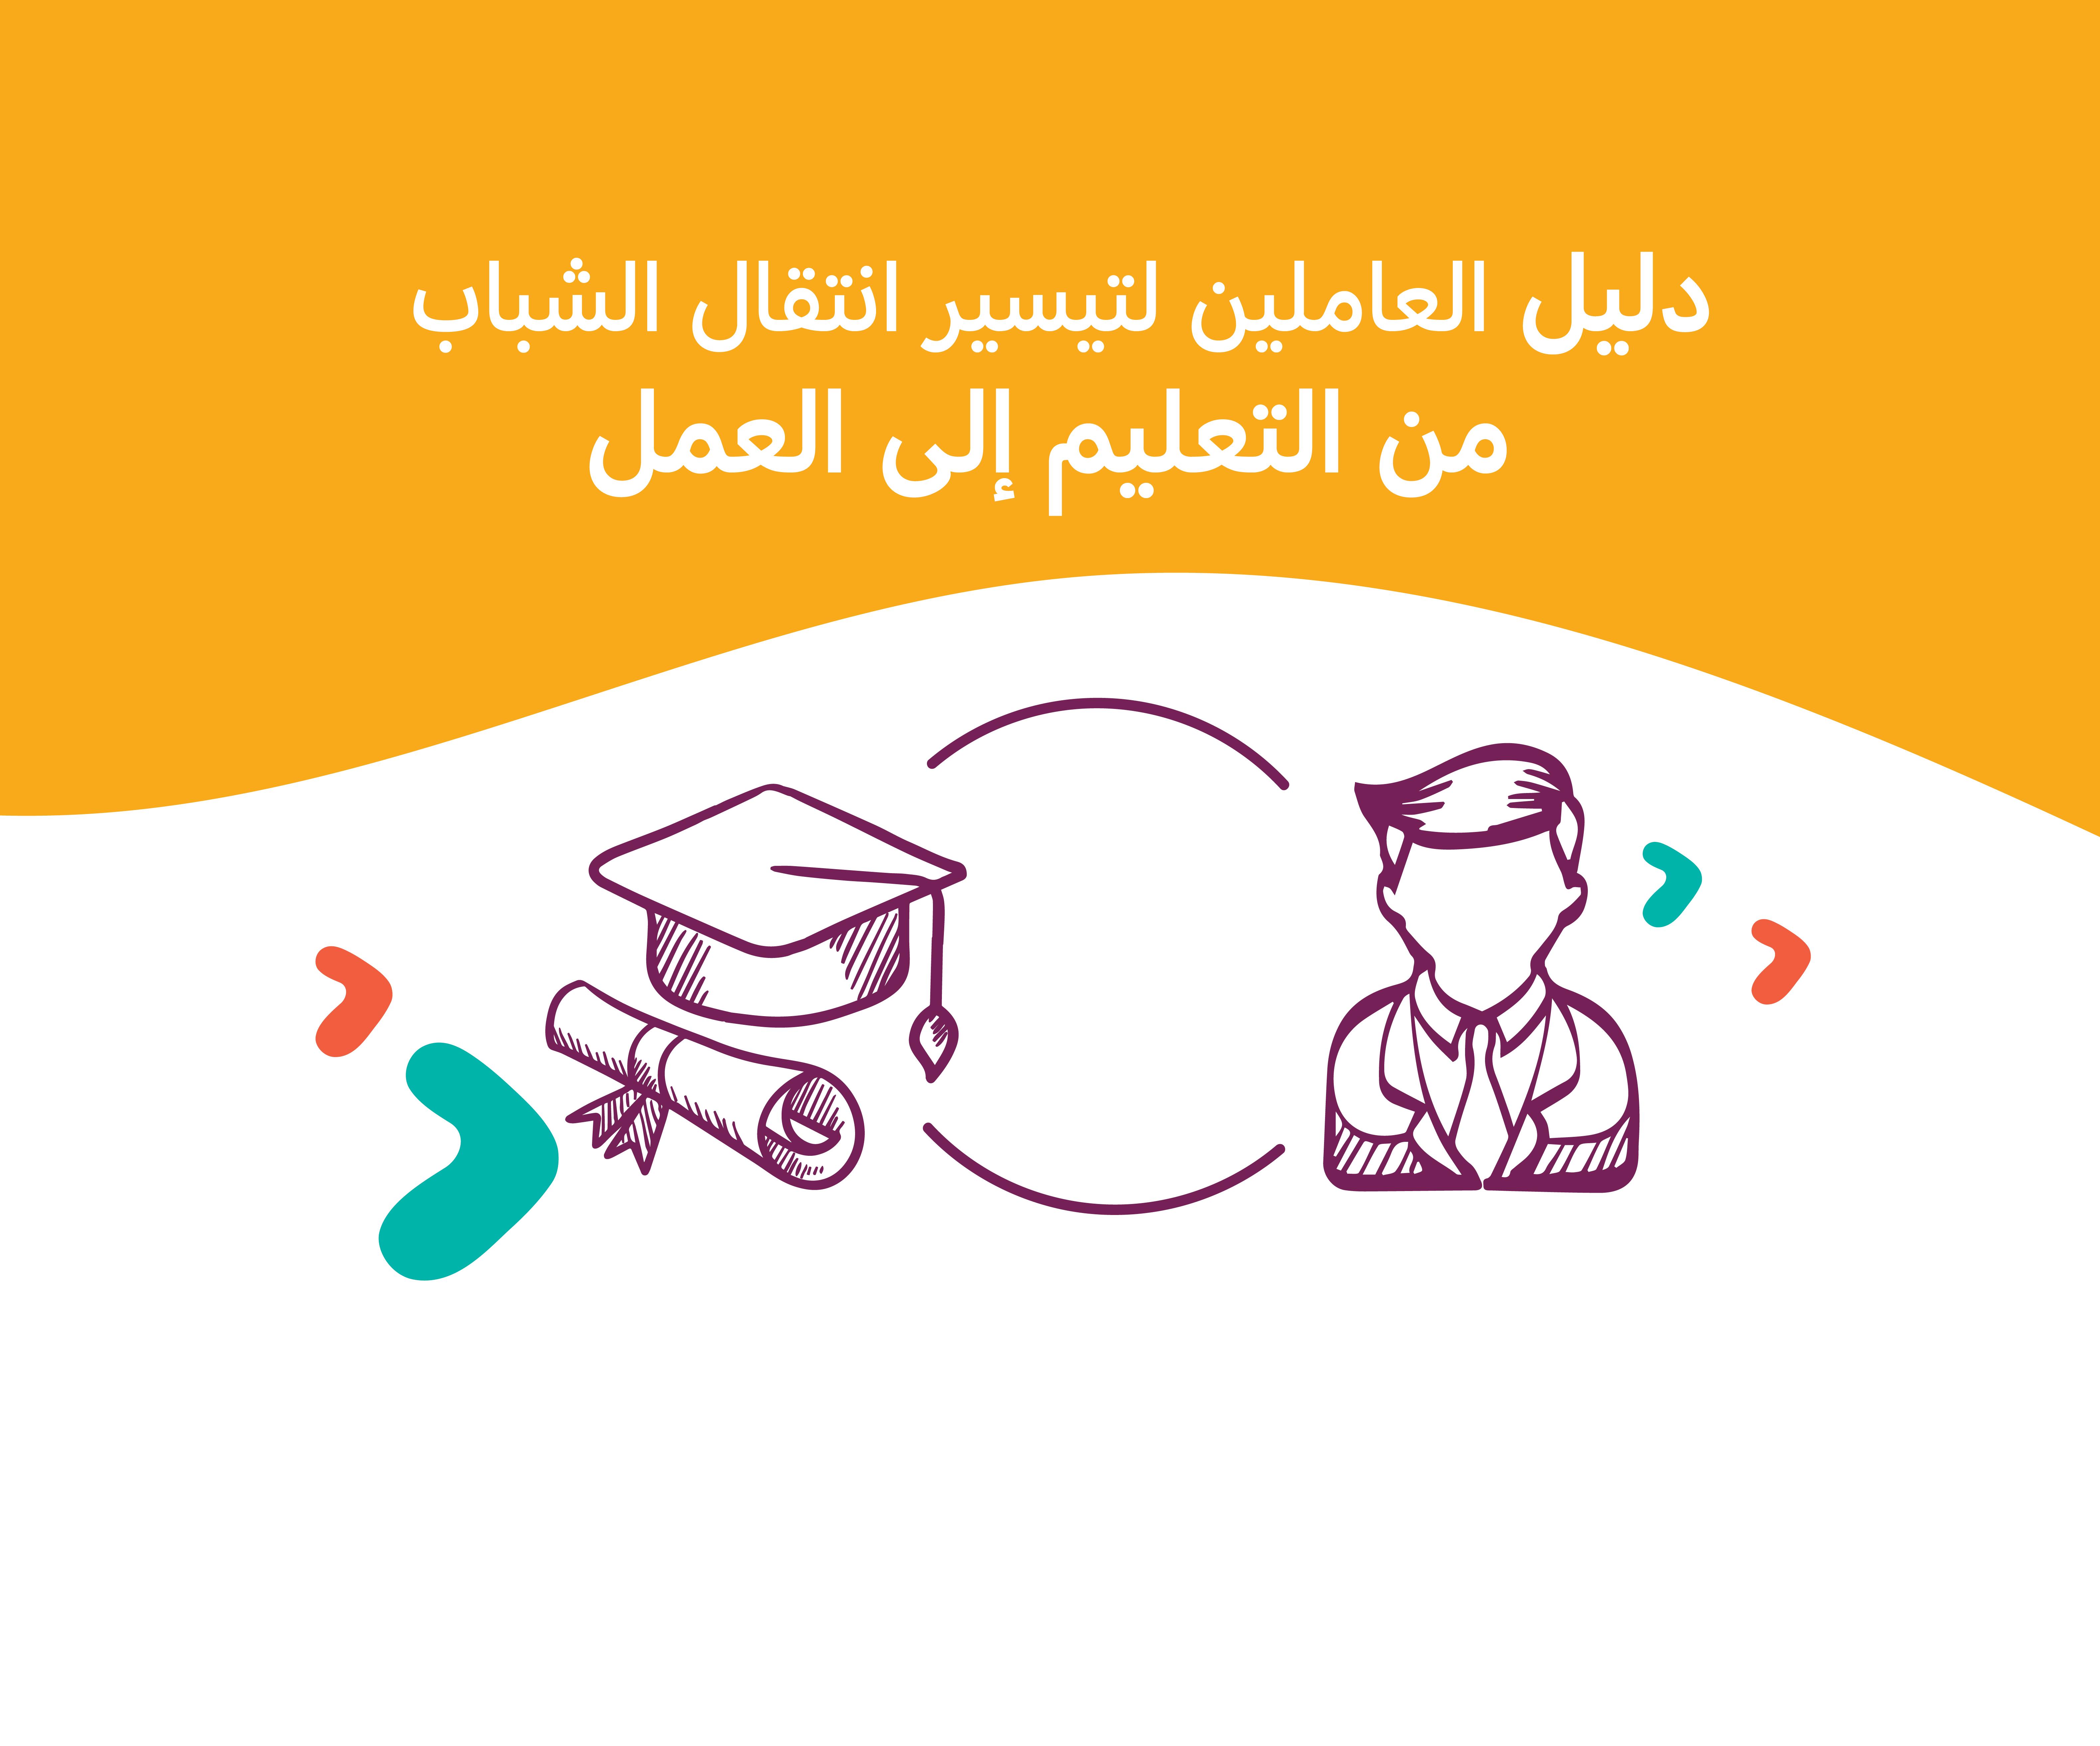 دليل العاملين لتيسير انتقال الشباب من التعليم إلى العمل